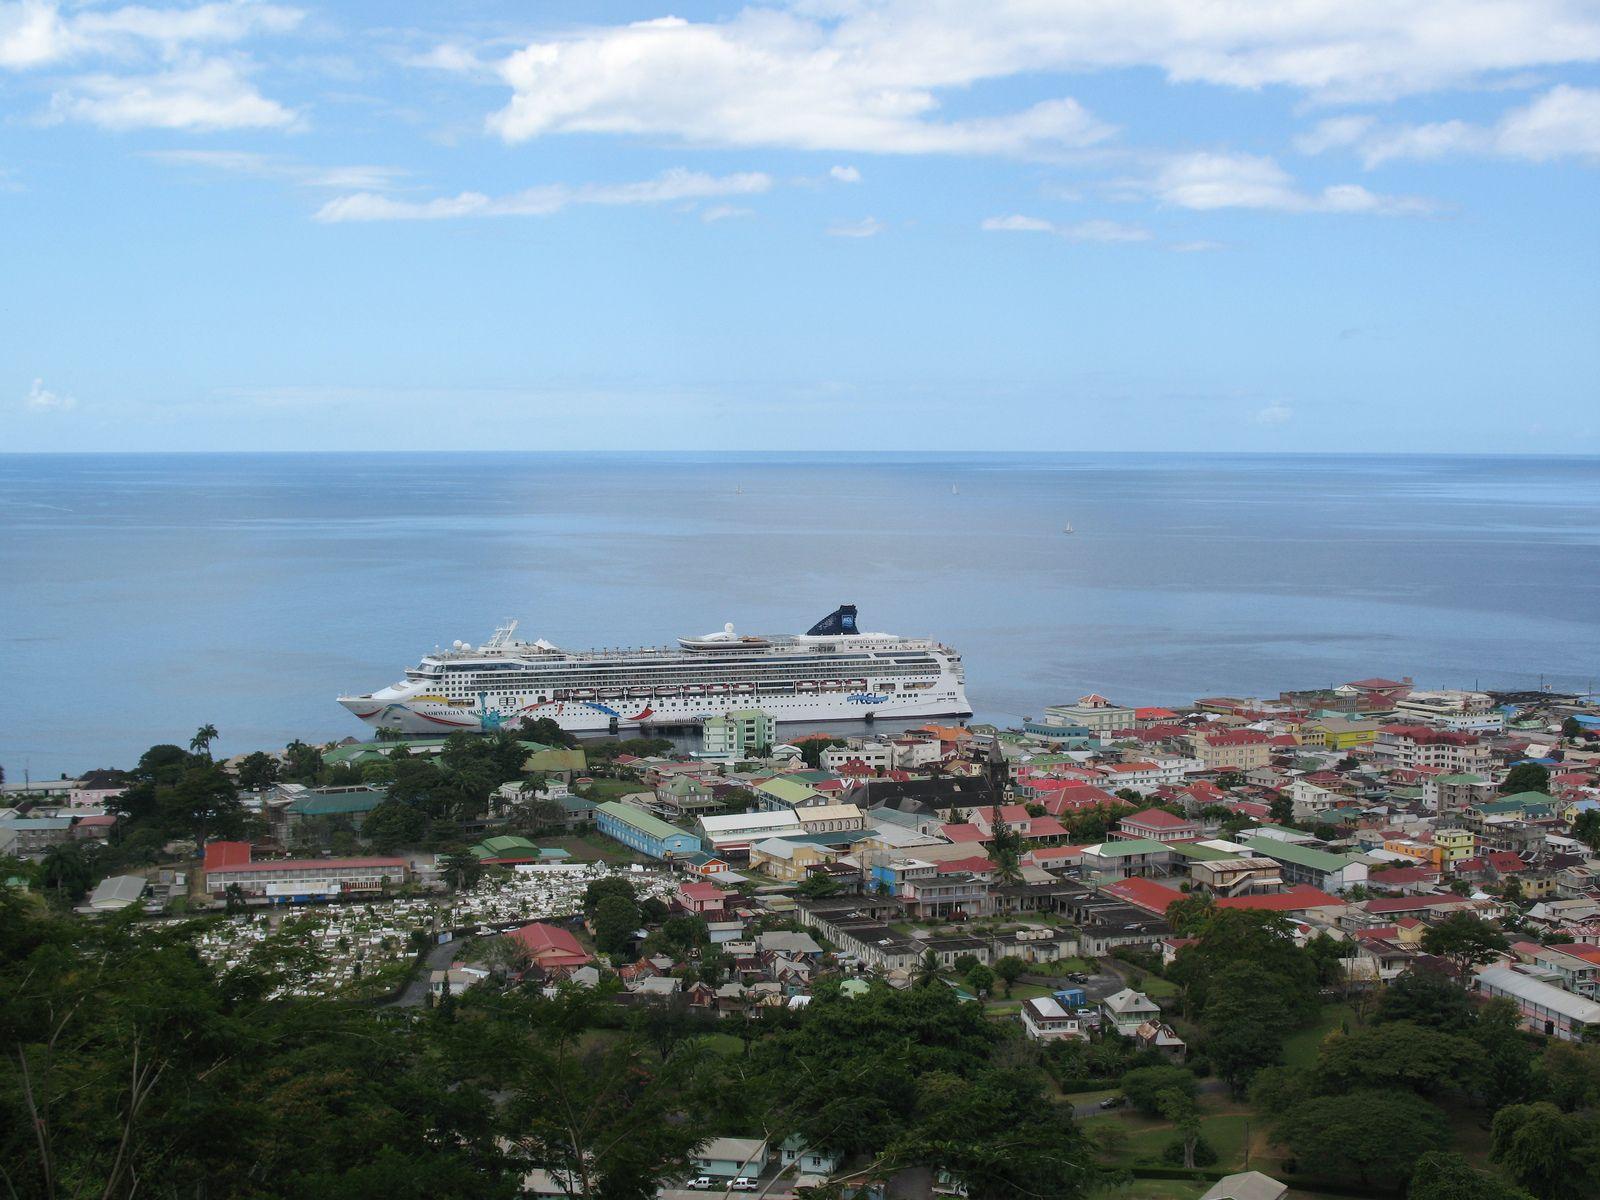 Остров Доминика J79VC J79PB